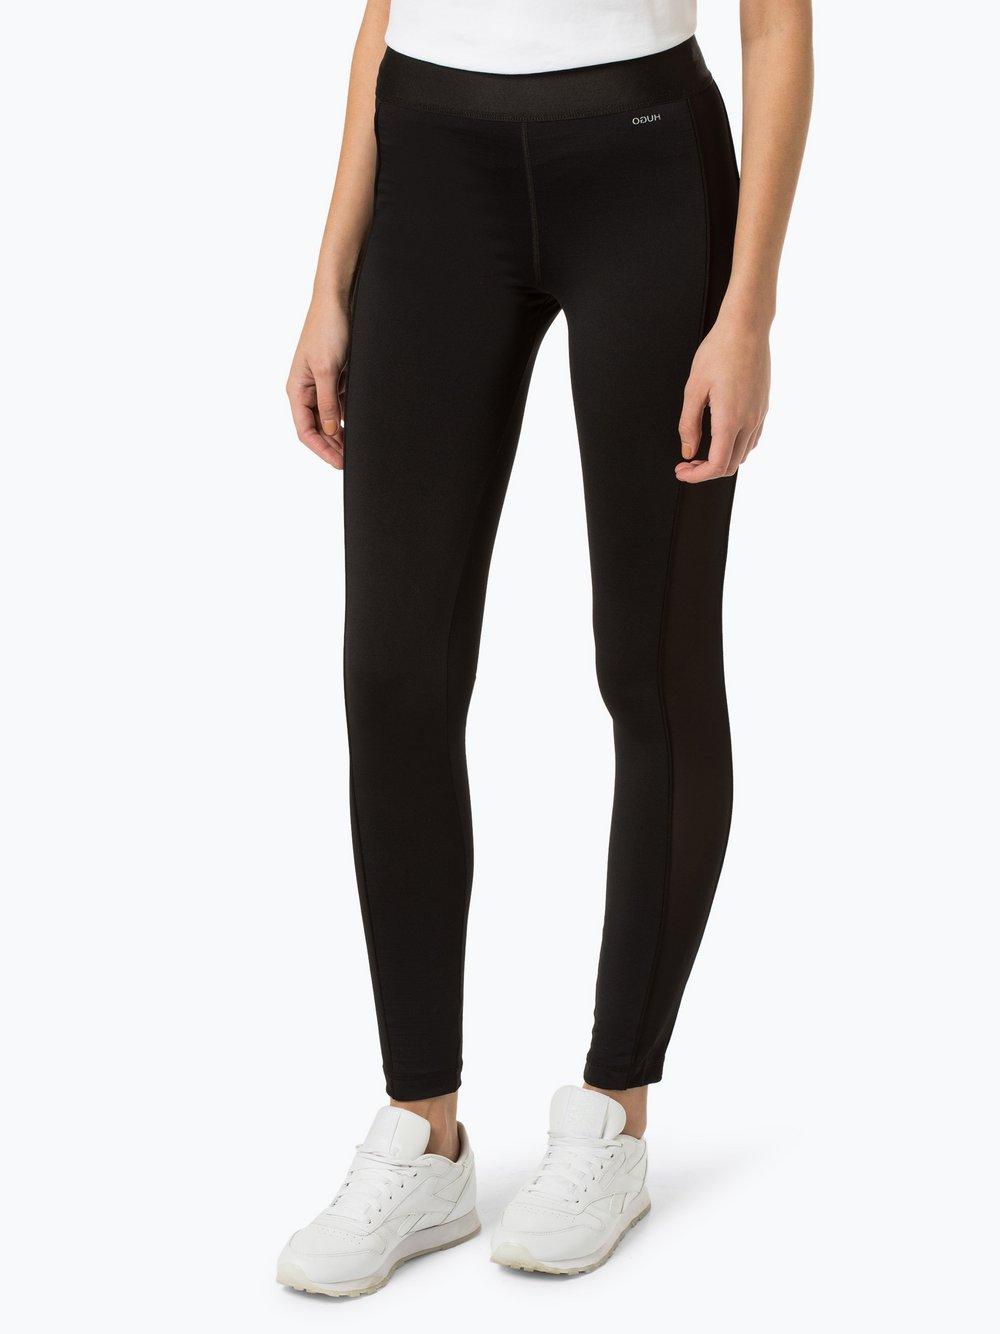 HUGO - Sportowe legginsy damskie, czarny